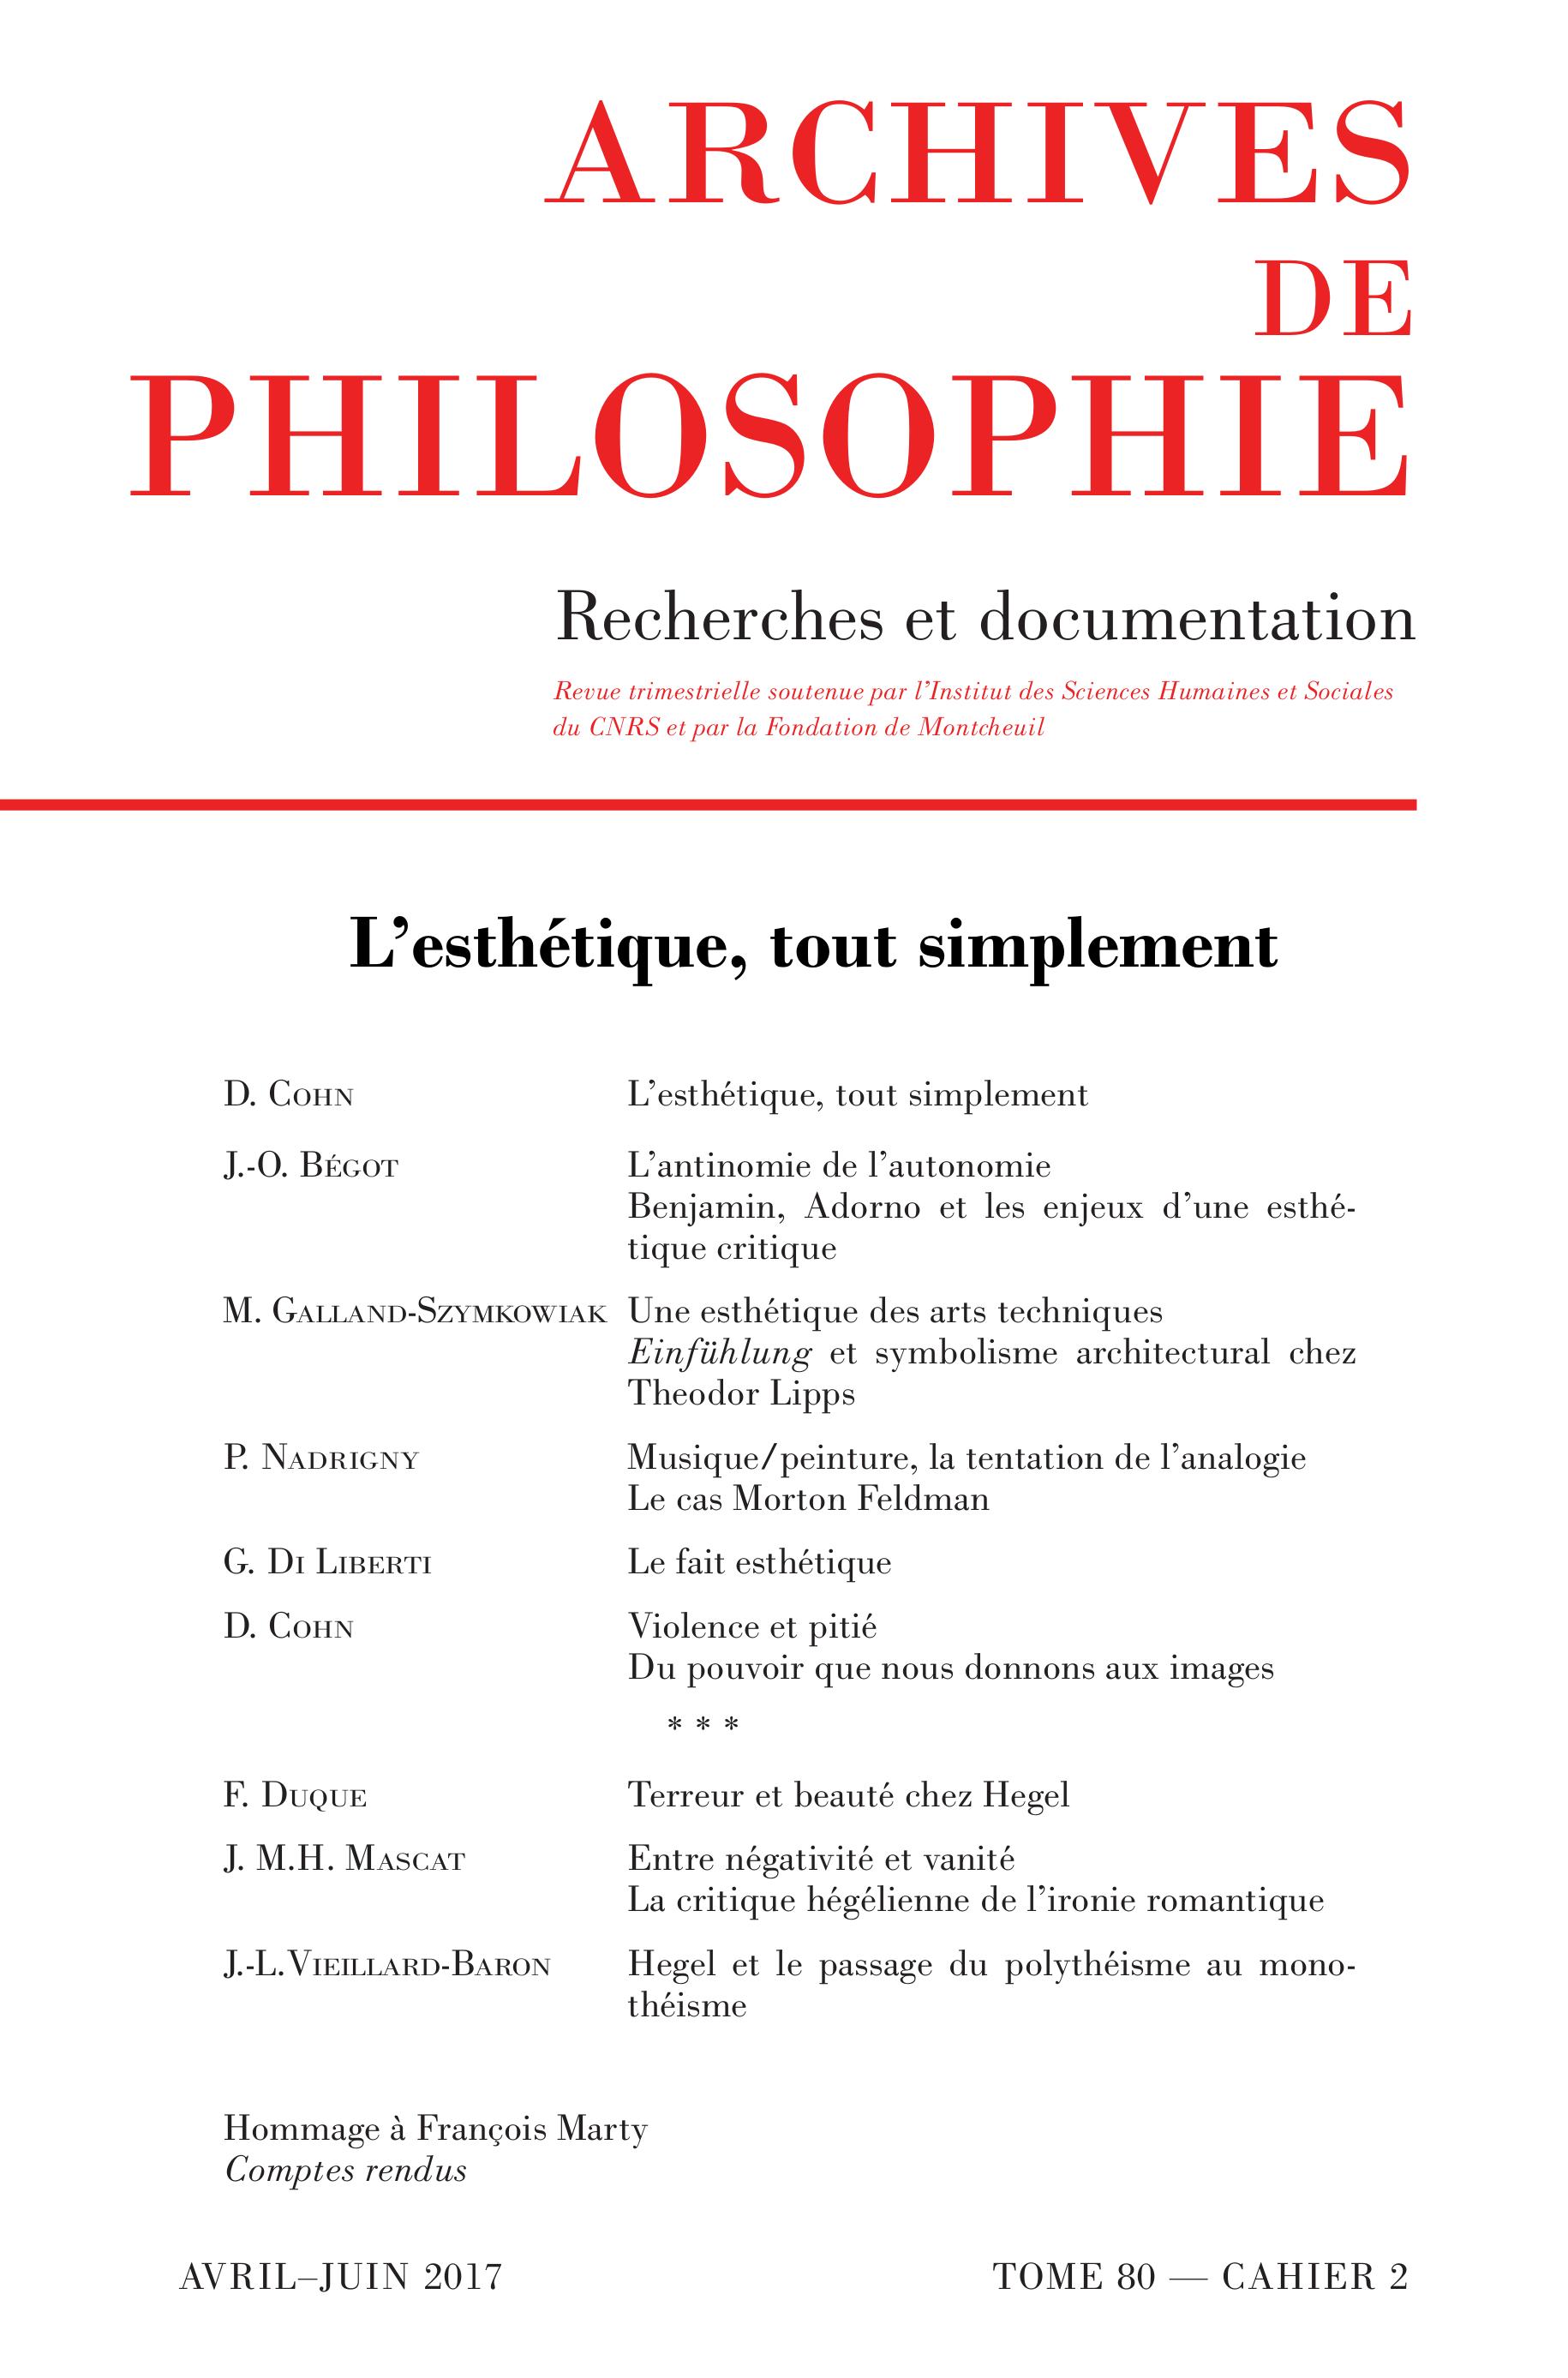 Cahier 80-2 : L'esthétique, tout simplement